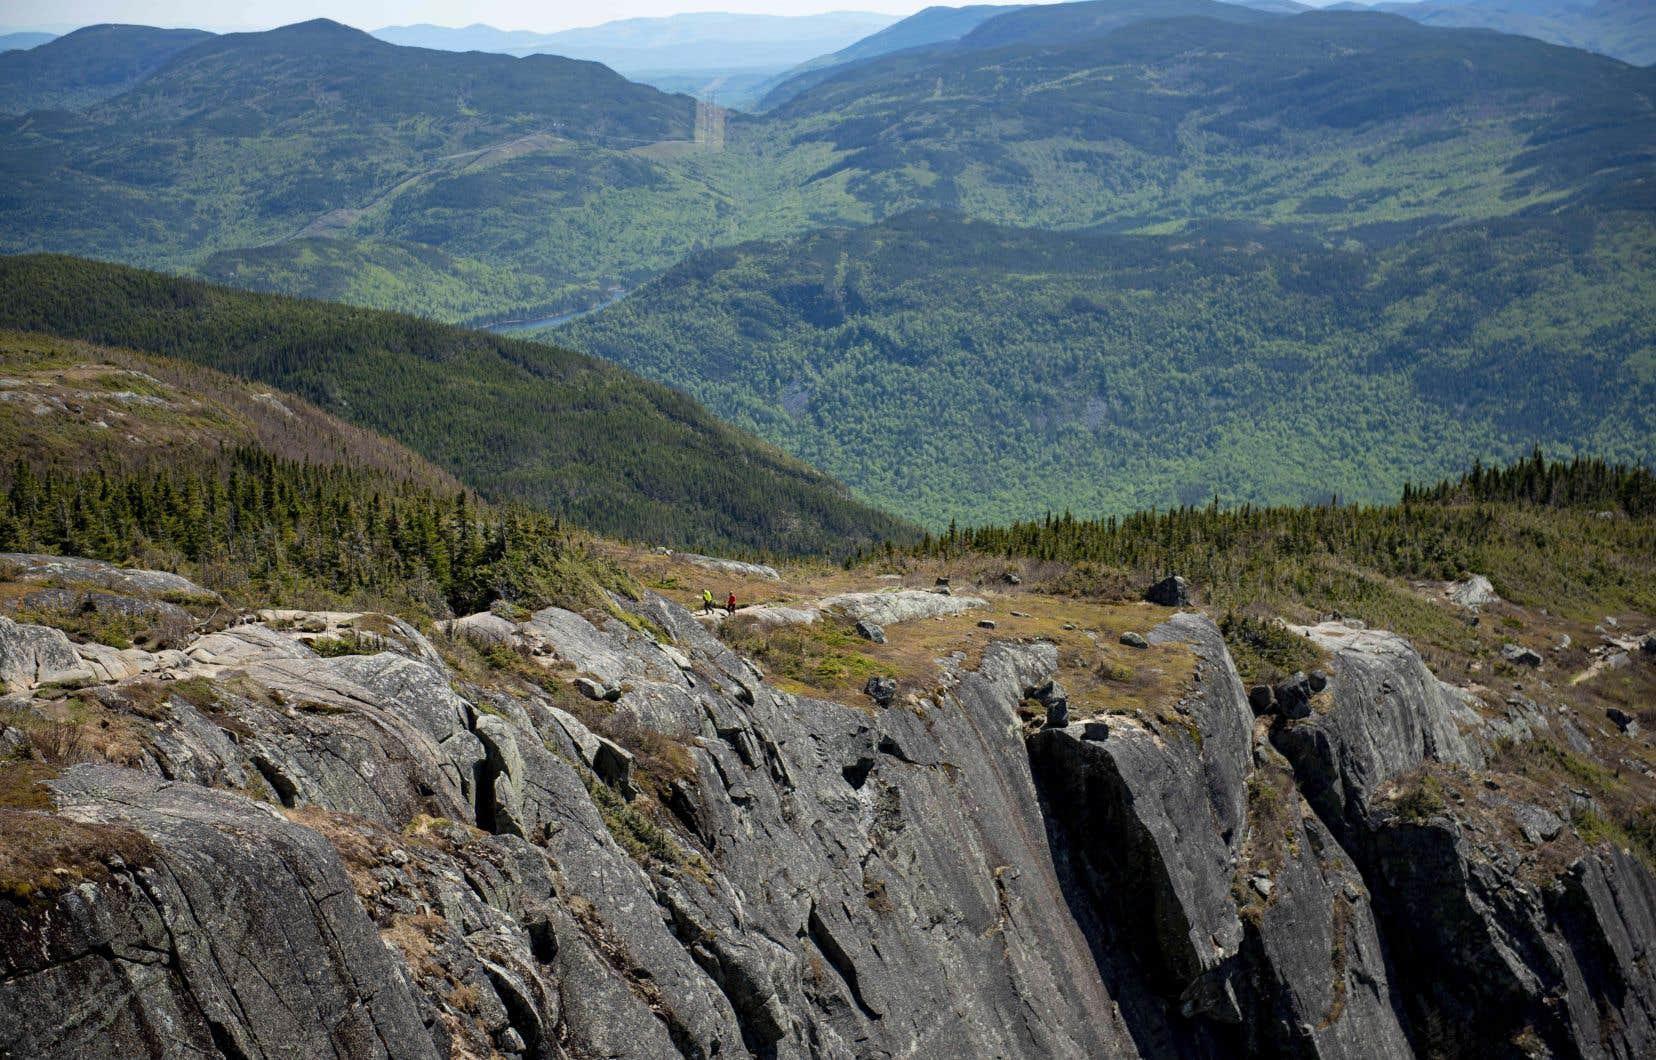 La moitié des détenteurs d'une carte annuelle Parcs nationaux Édition Bonjour Québec ont affirmé avoir pratiqué plus d'activités de plein air et de sorties en nature qu'avant la pandémie.